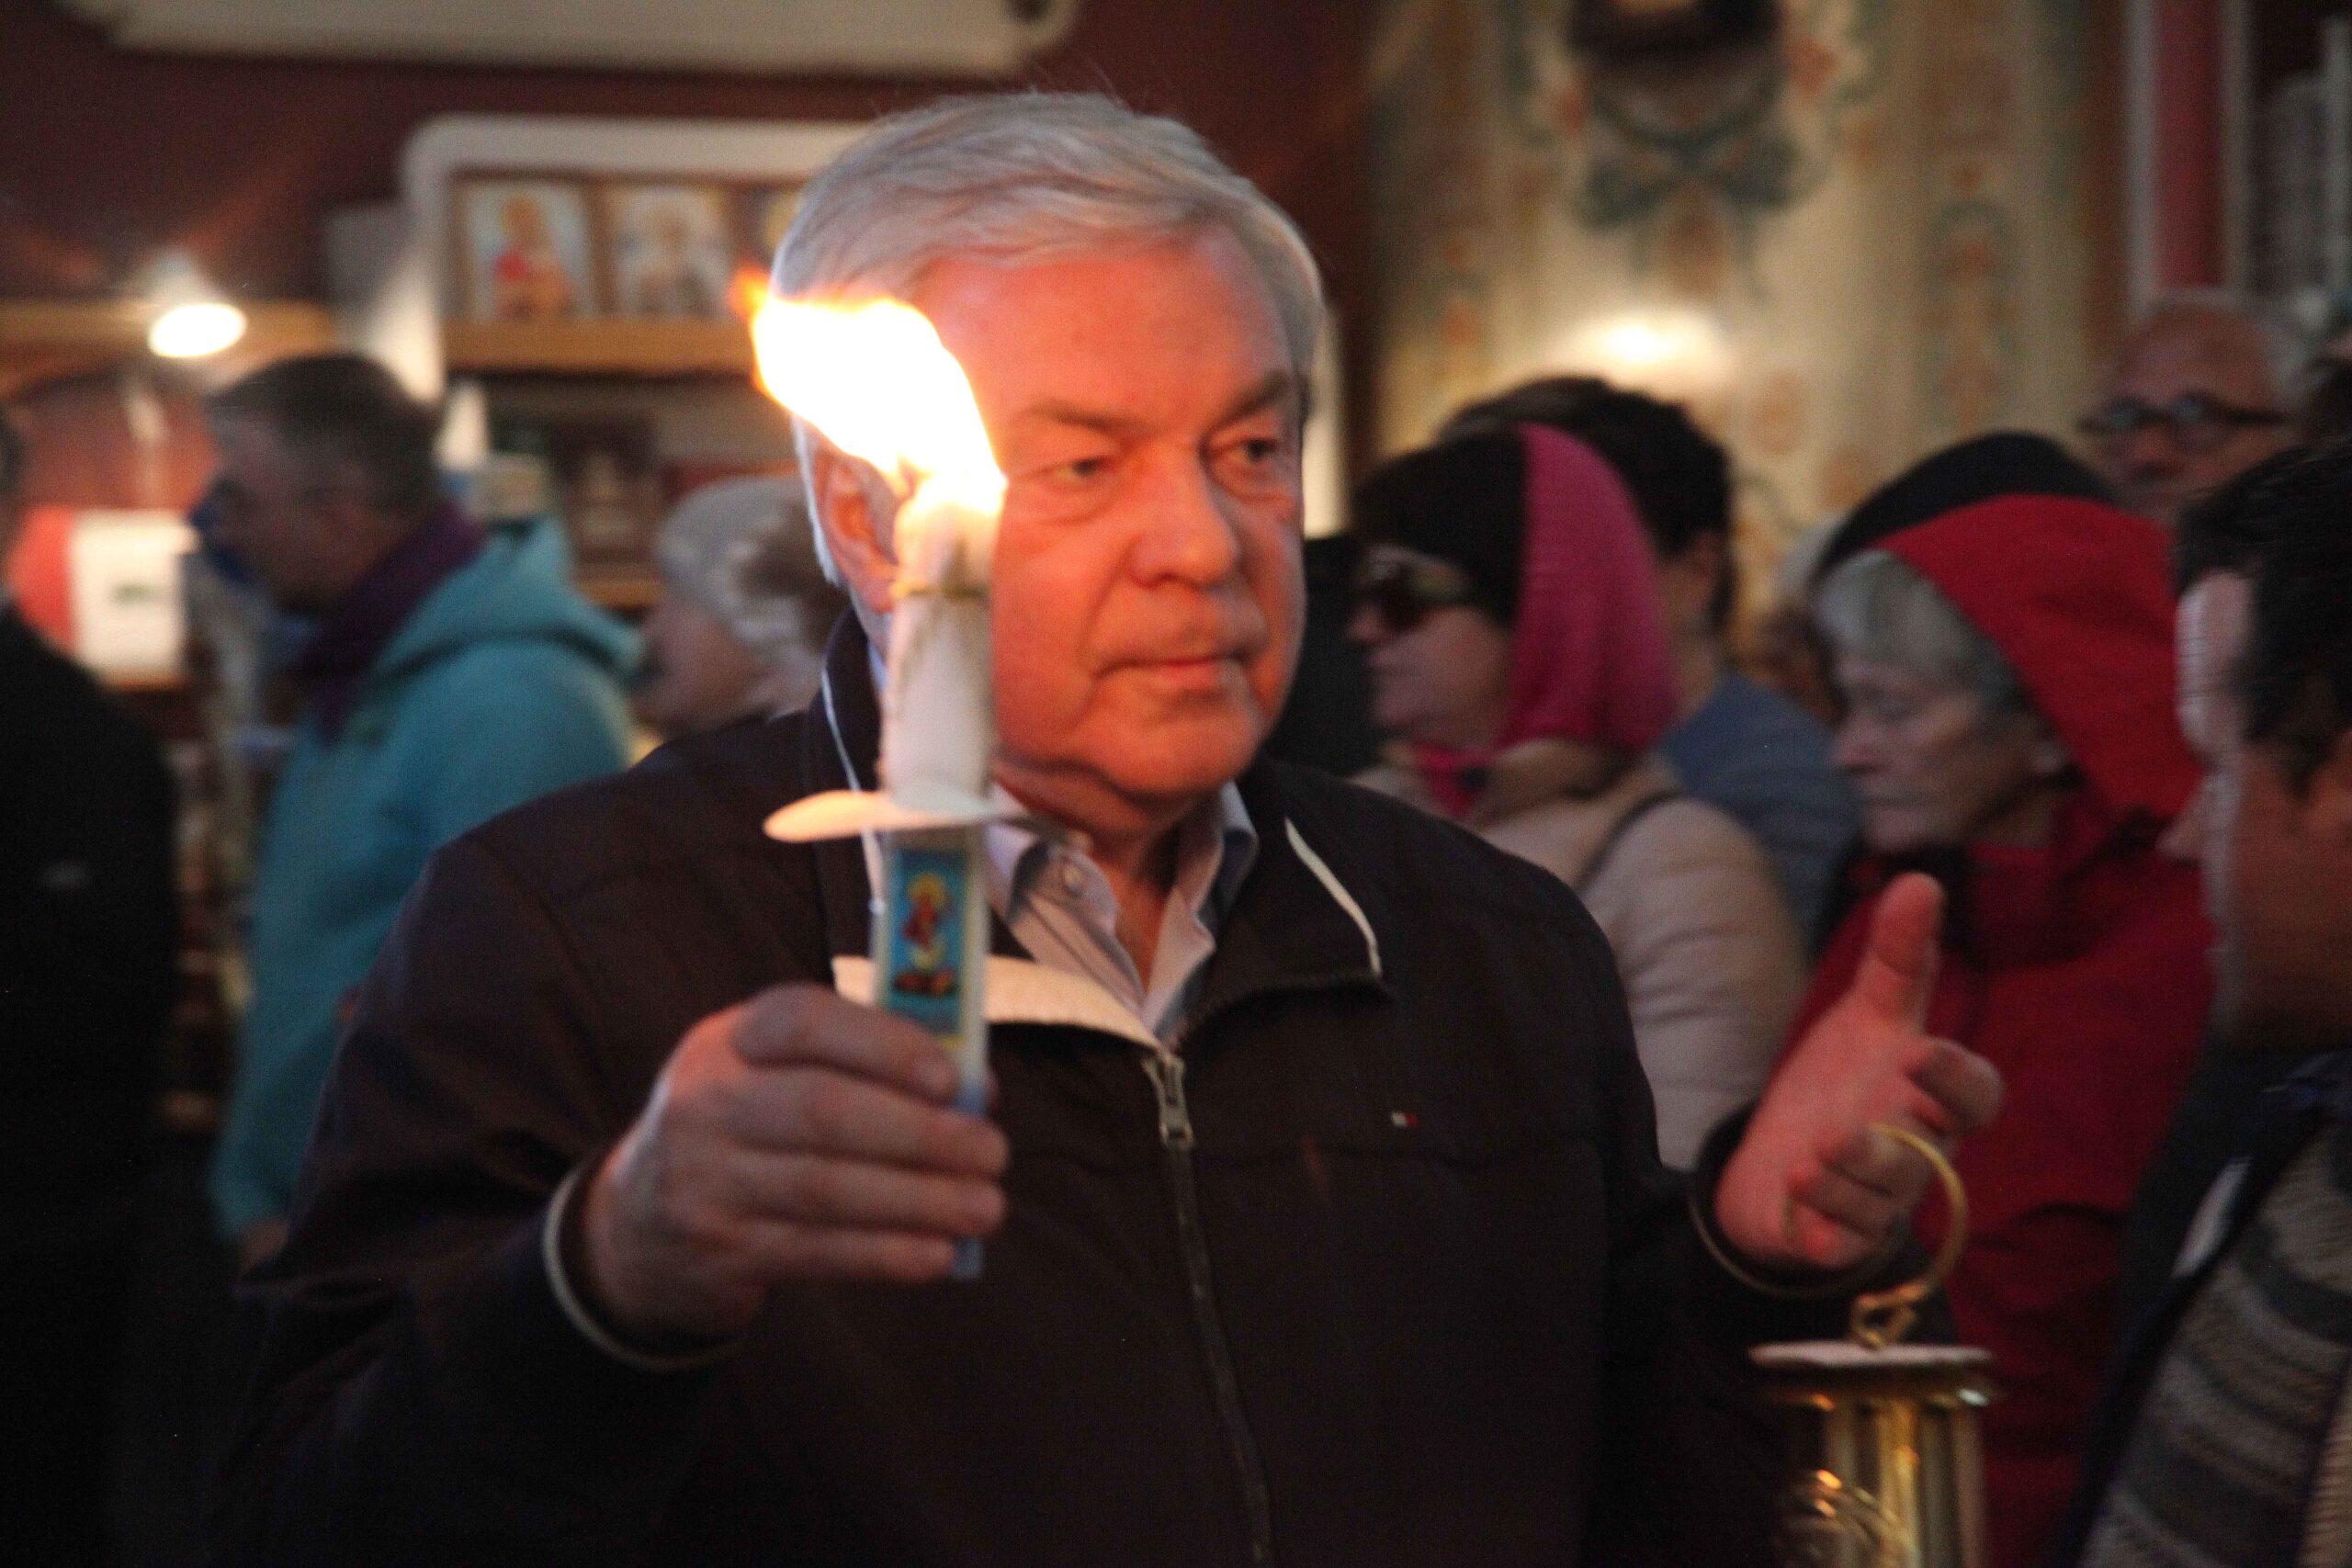 Общество святого Георгия выражает глубокие соболезнования родным и близким Евгения Акселевича Томберга